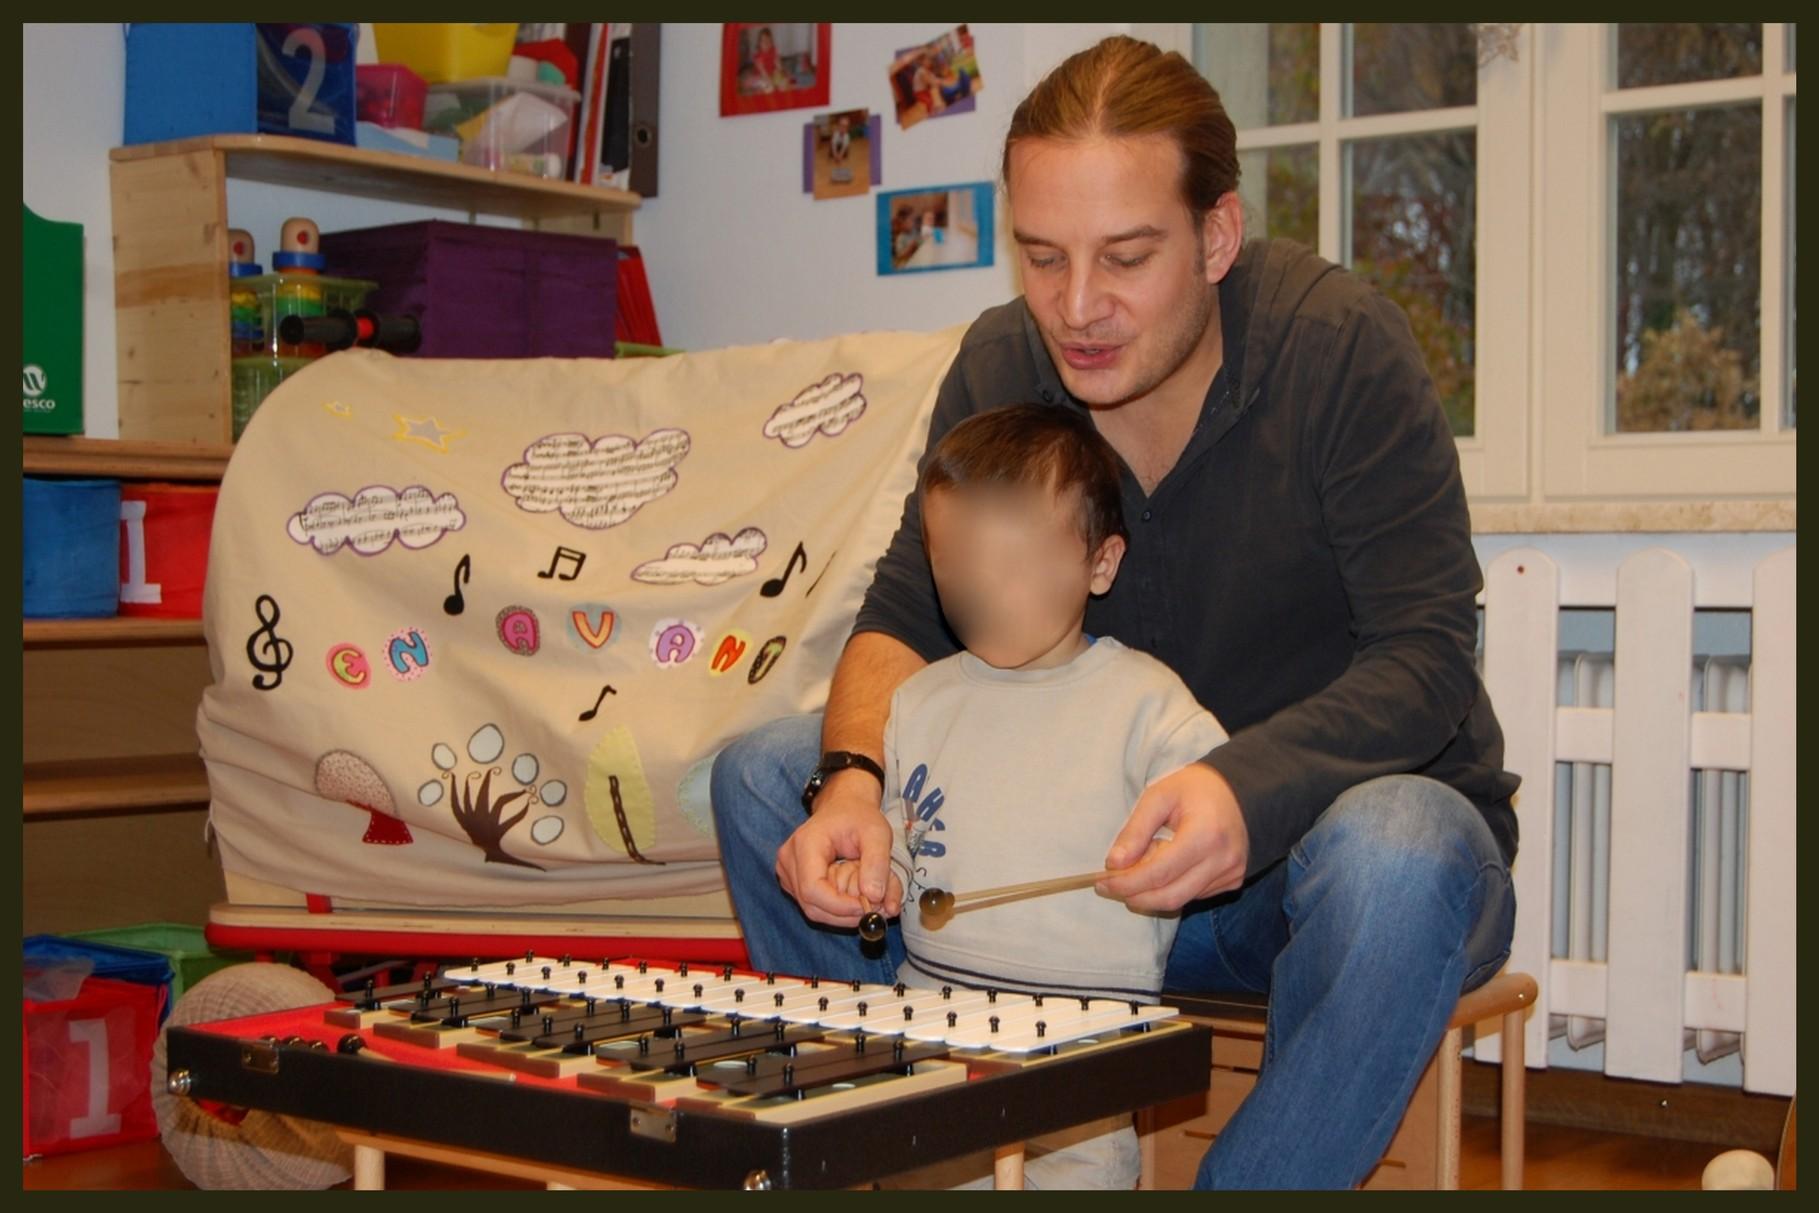 Le métallophone, à ne pas confondre avec le xylophone !